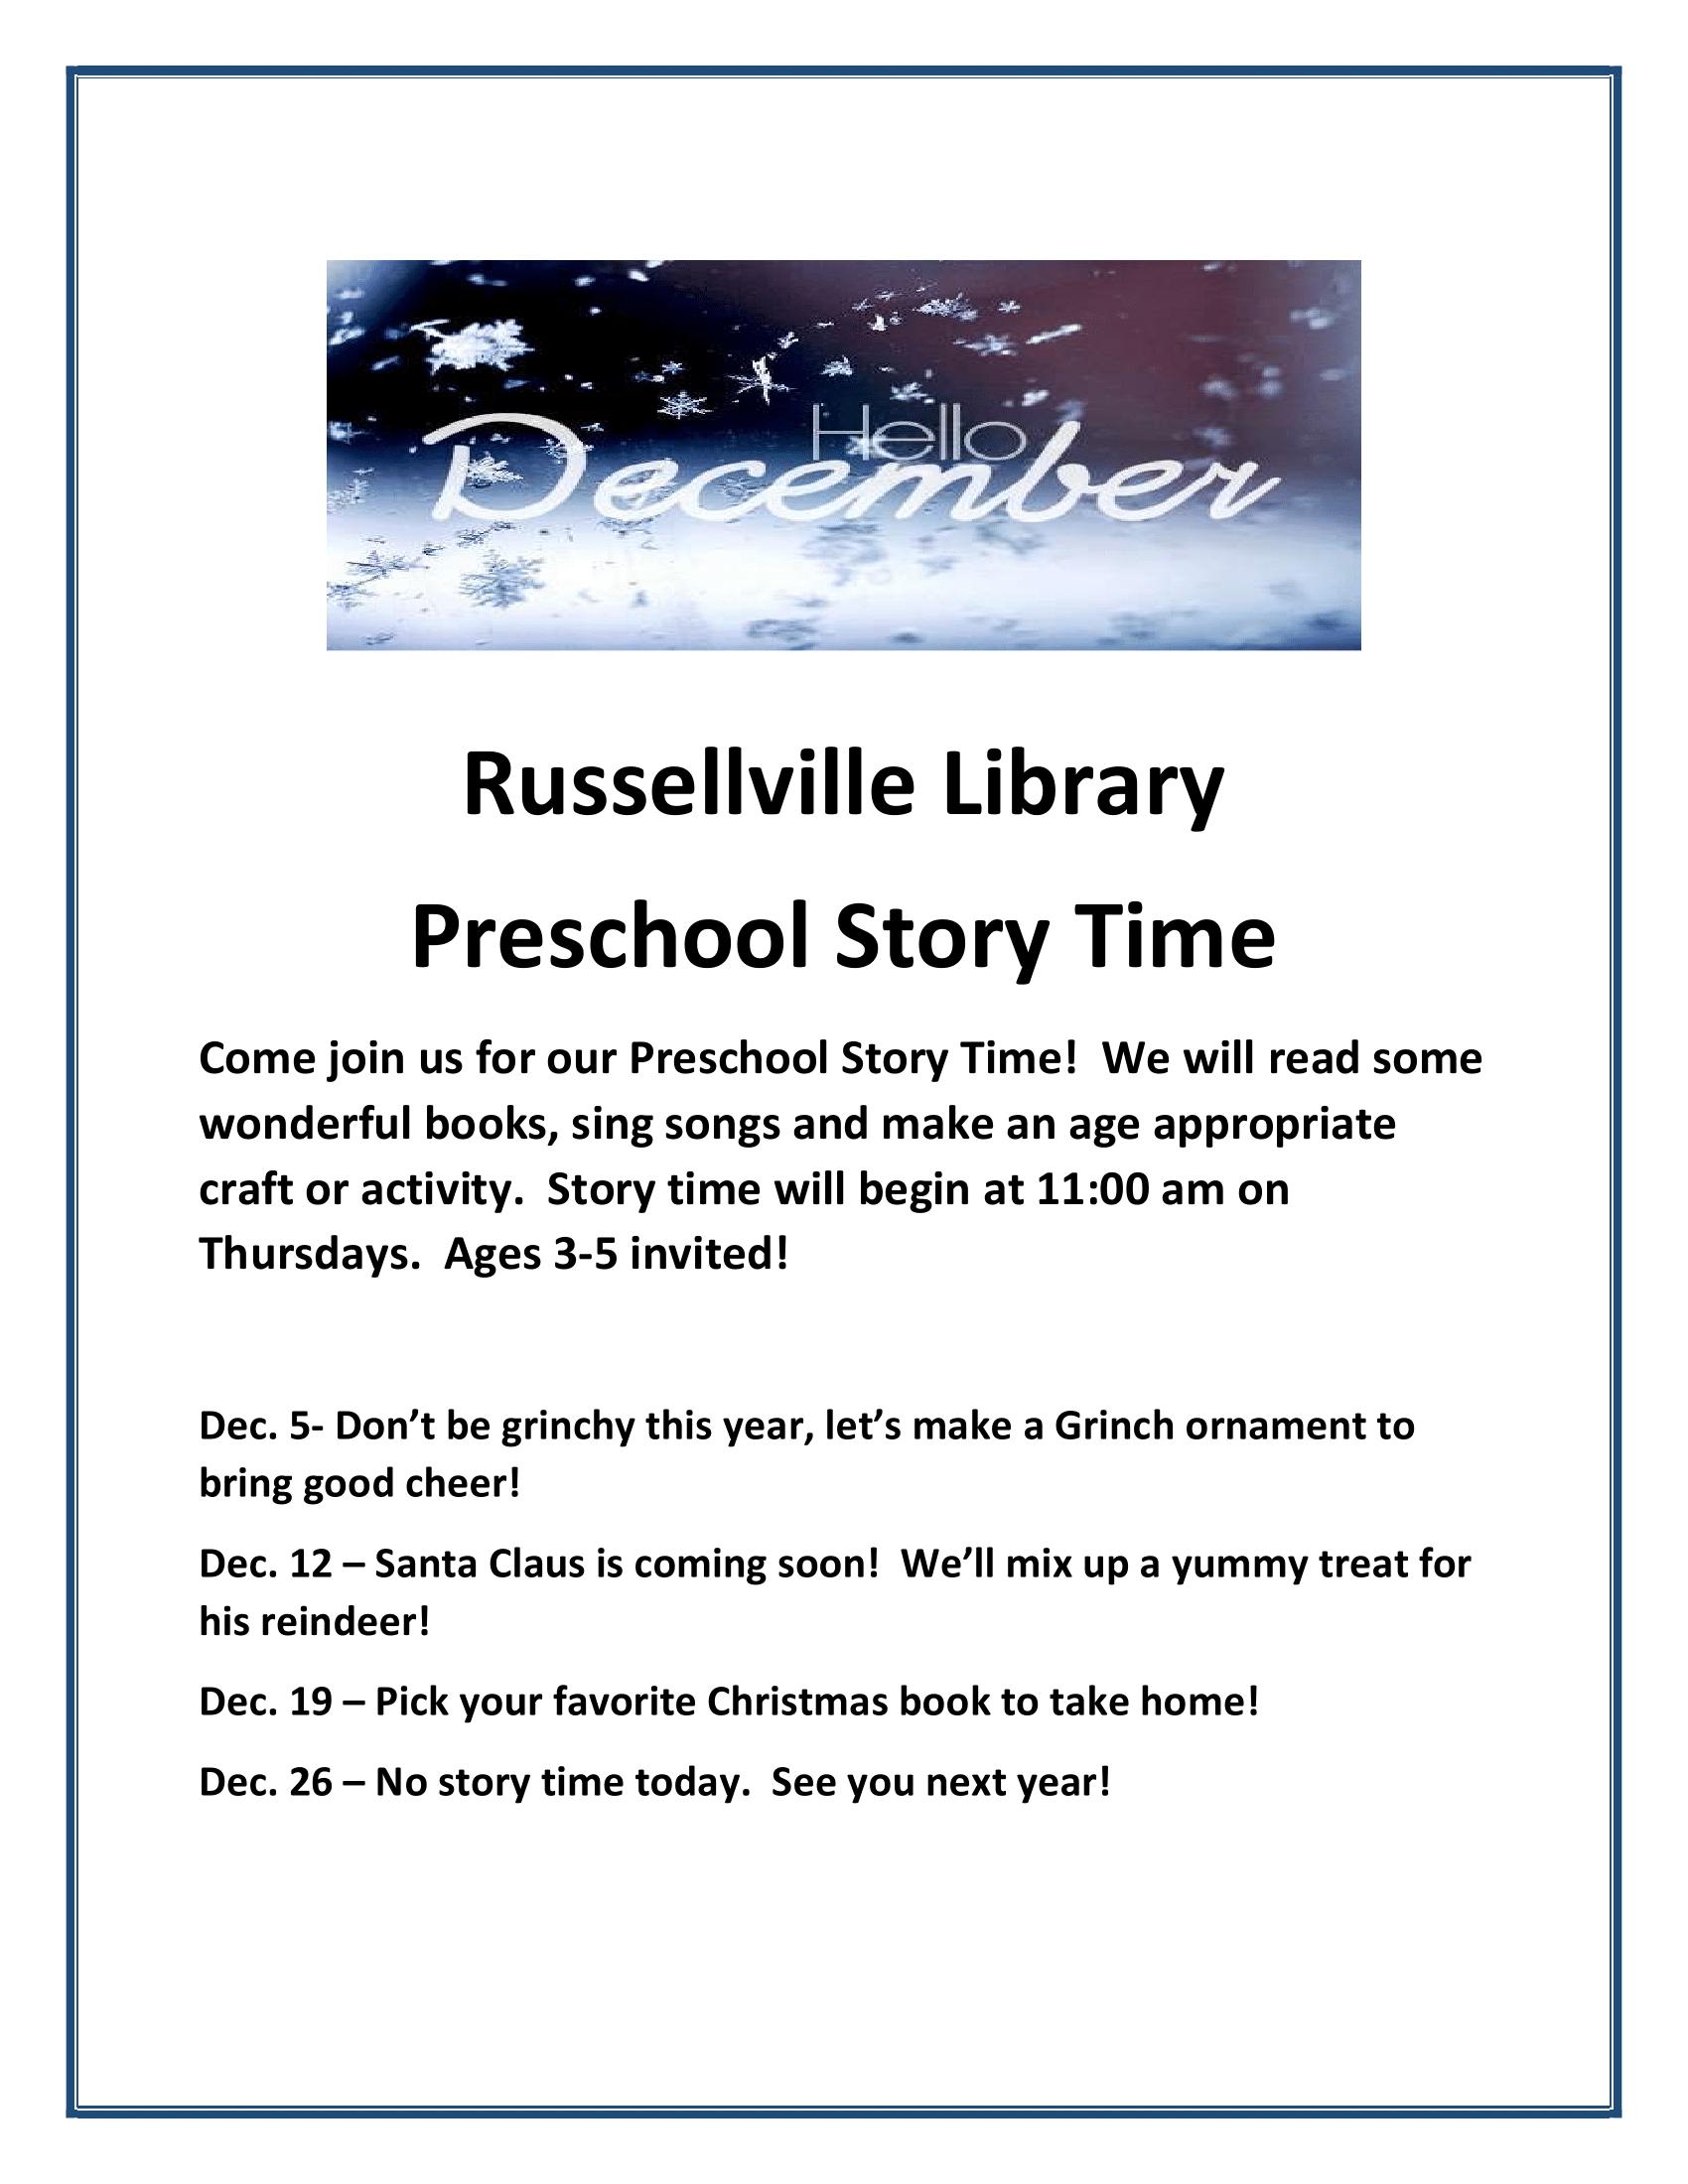 December Preschool Story Times - Russellville